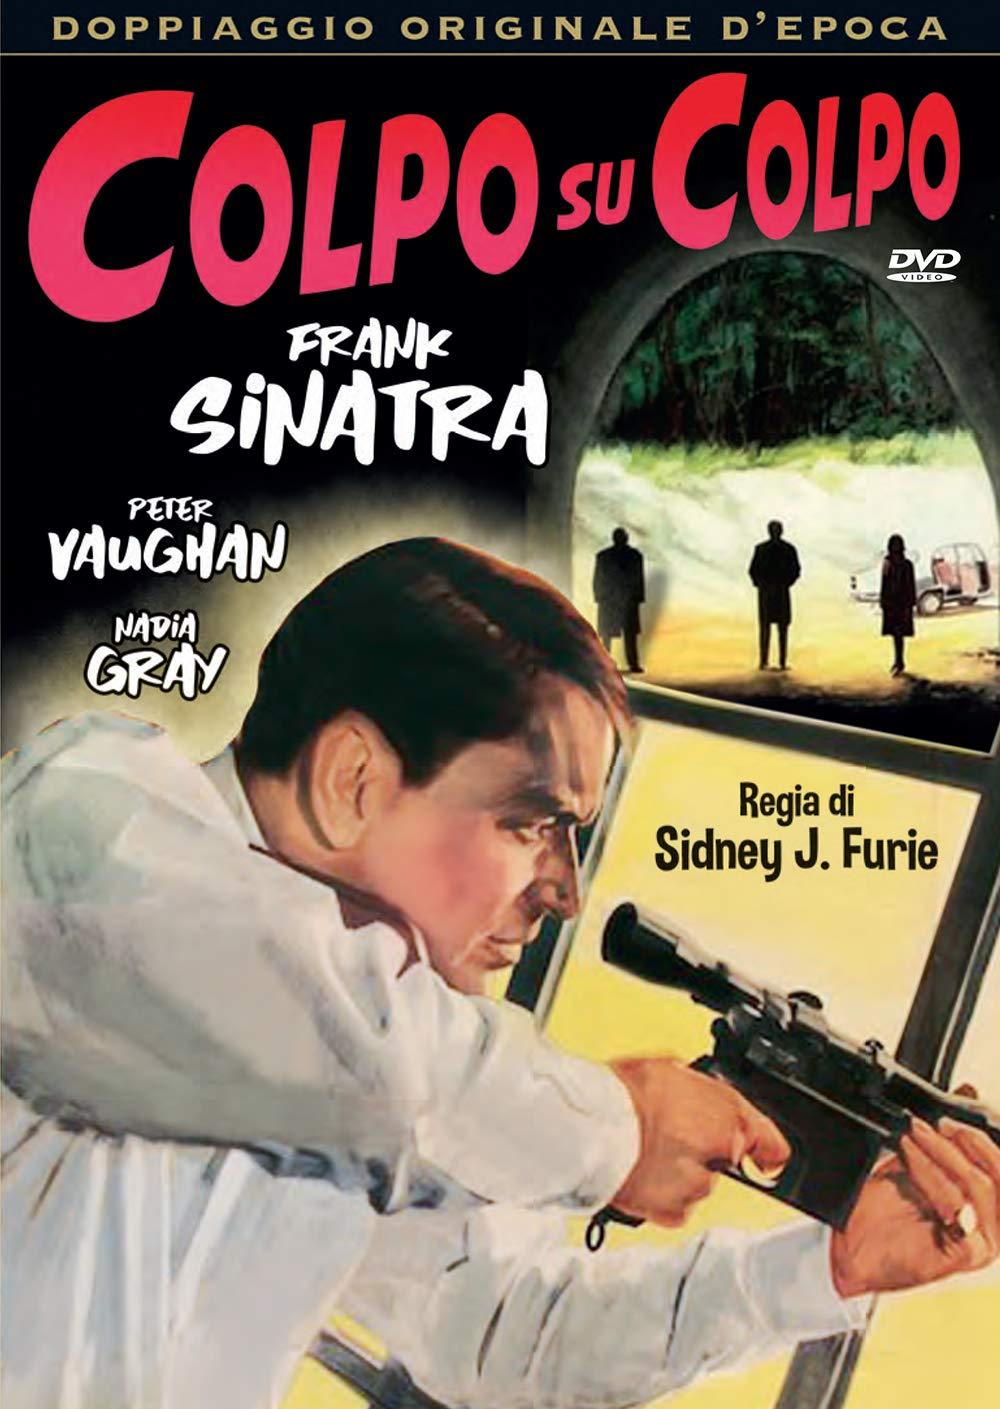 COLPO SU COLPO (DVD)